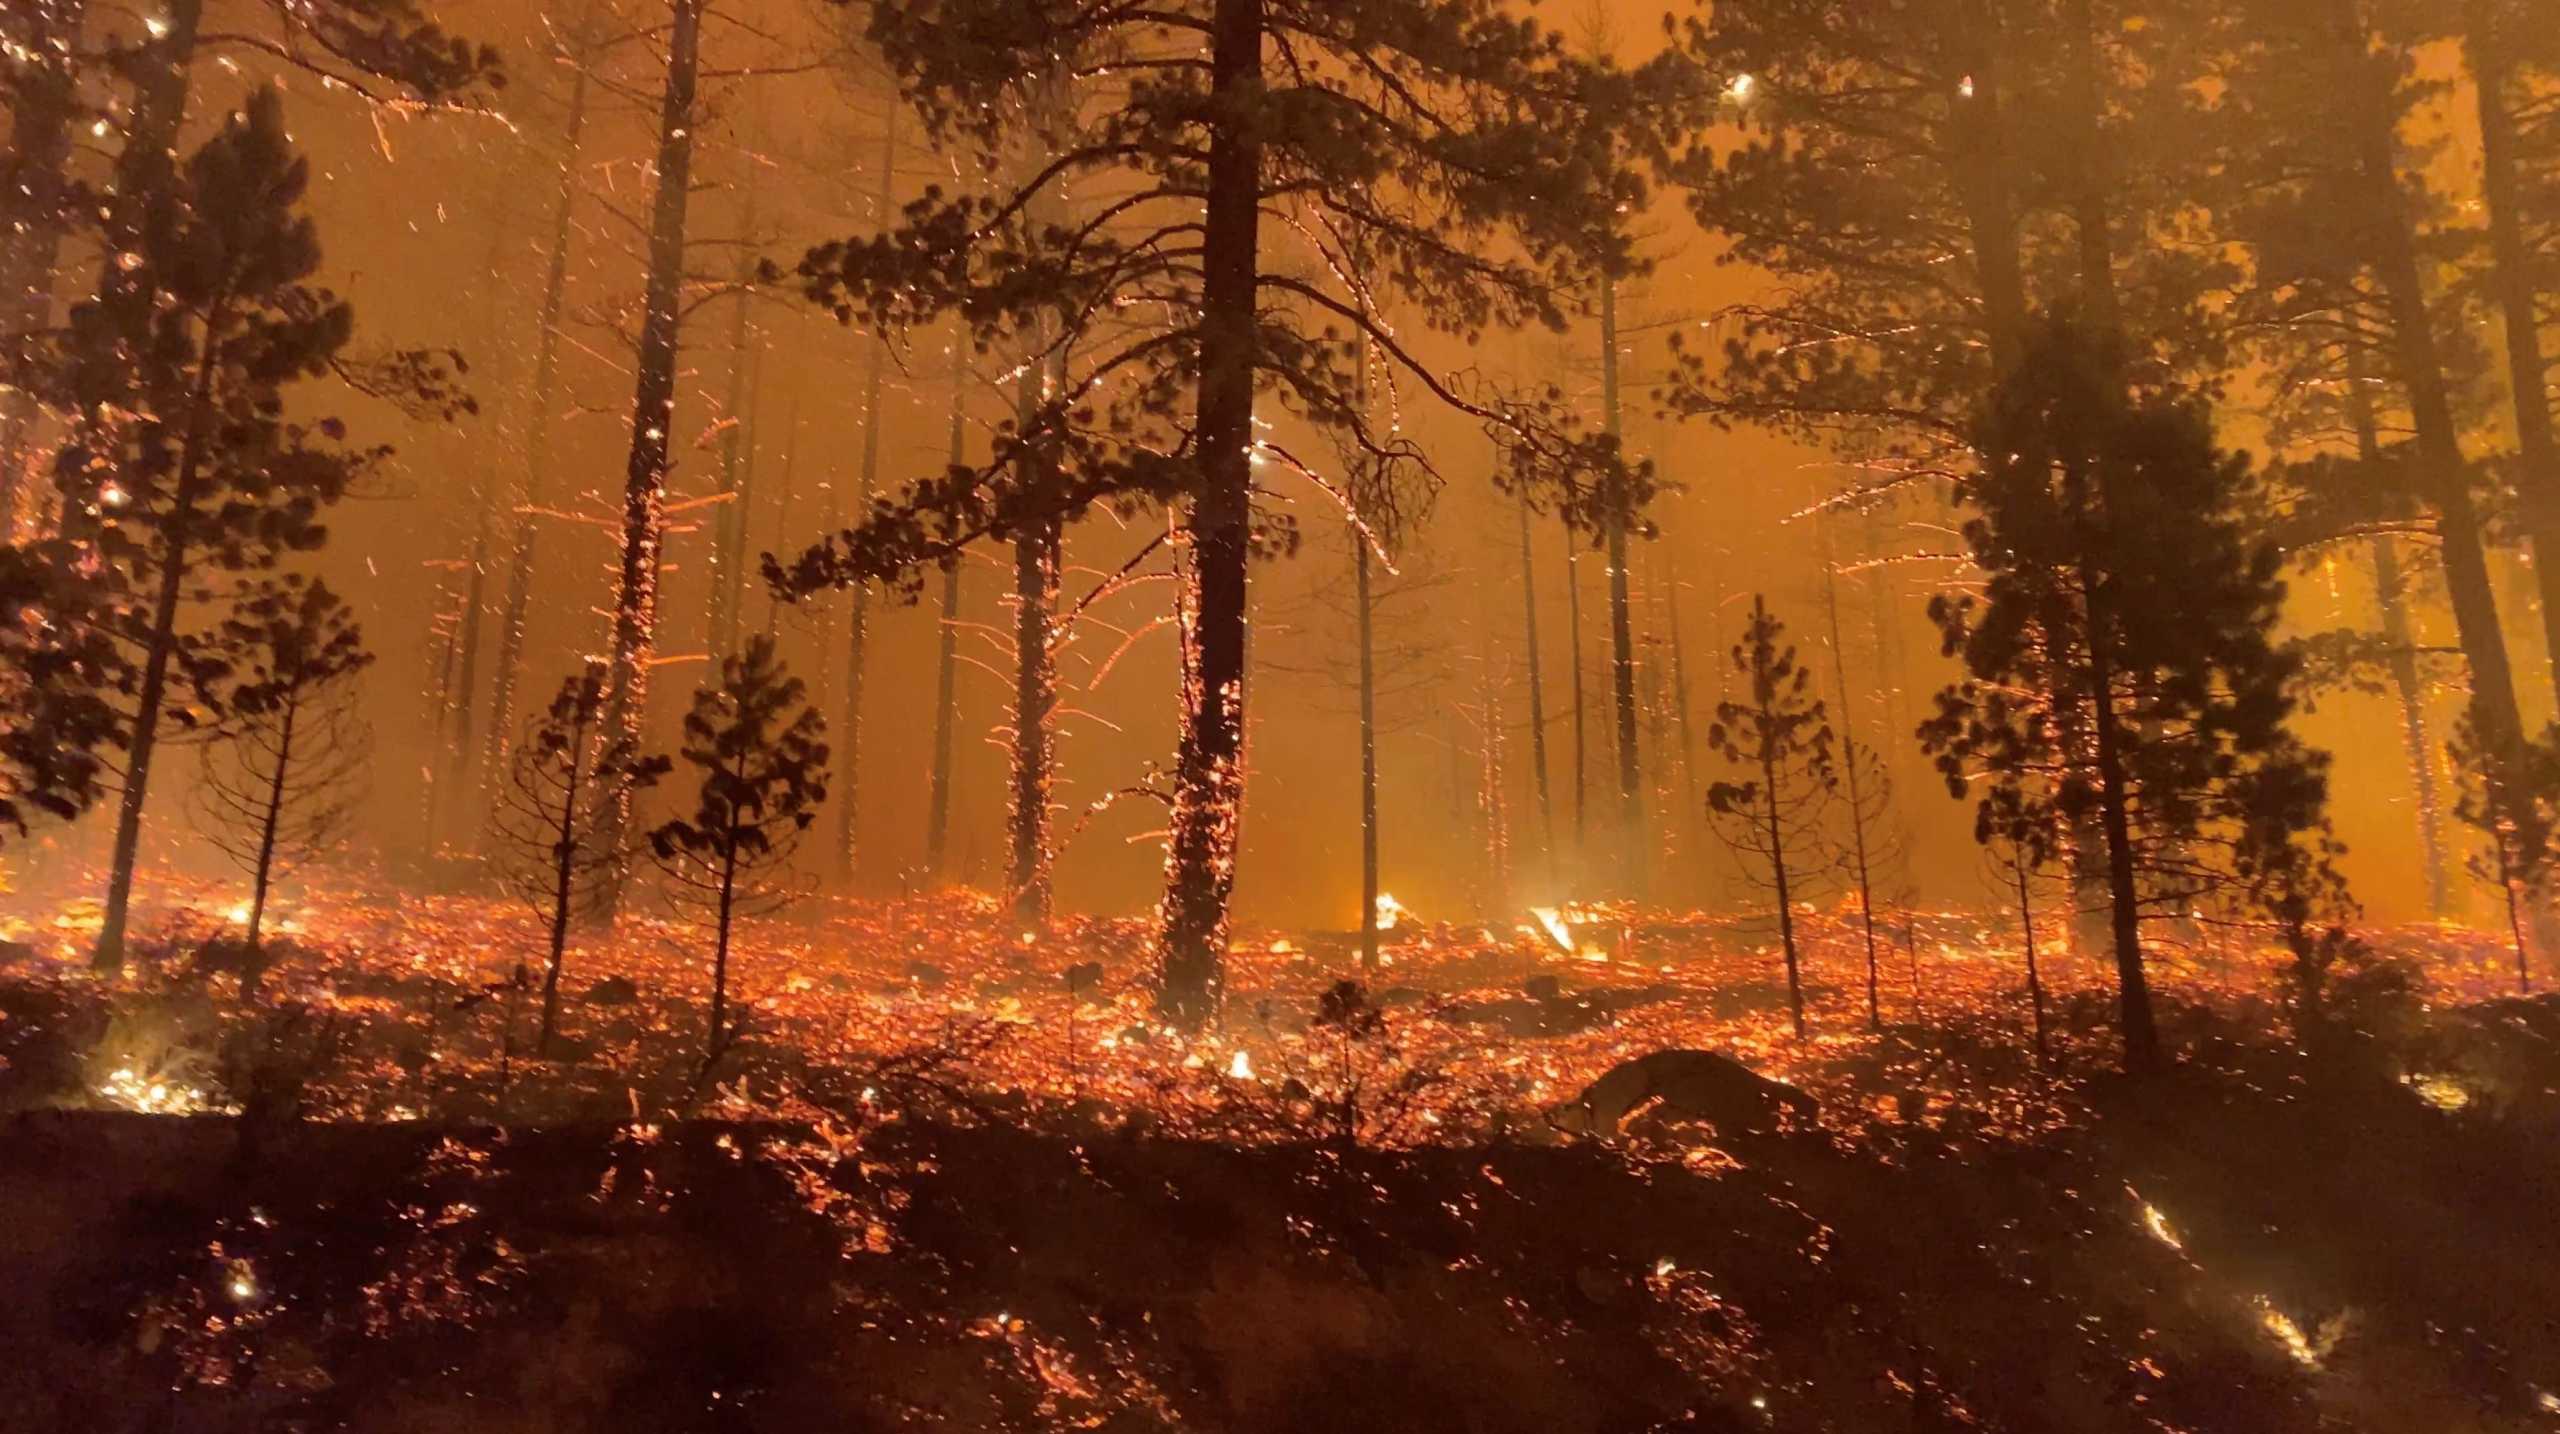 Φωτιές κατακαίουν και πάλι την Καλιφόρνια – Κατηγορούμενη ξανά η «συνήθης ύποπτη» PG&E